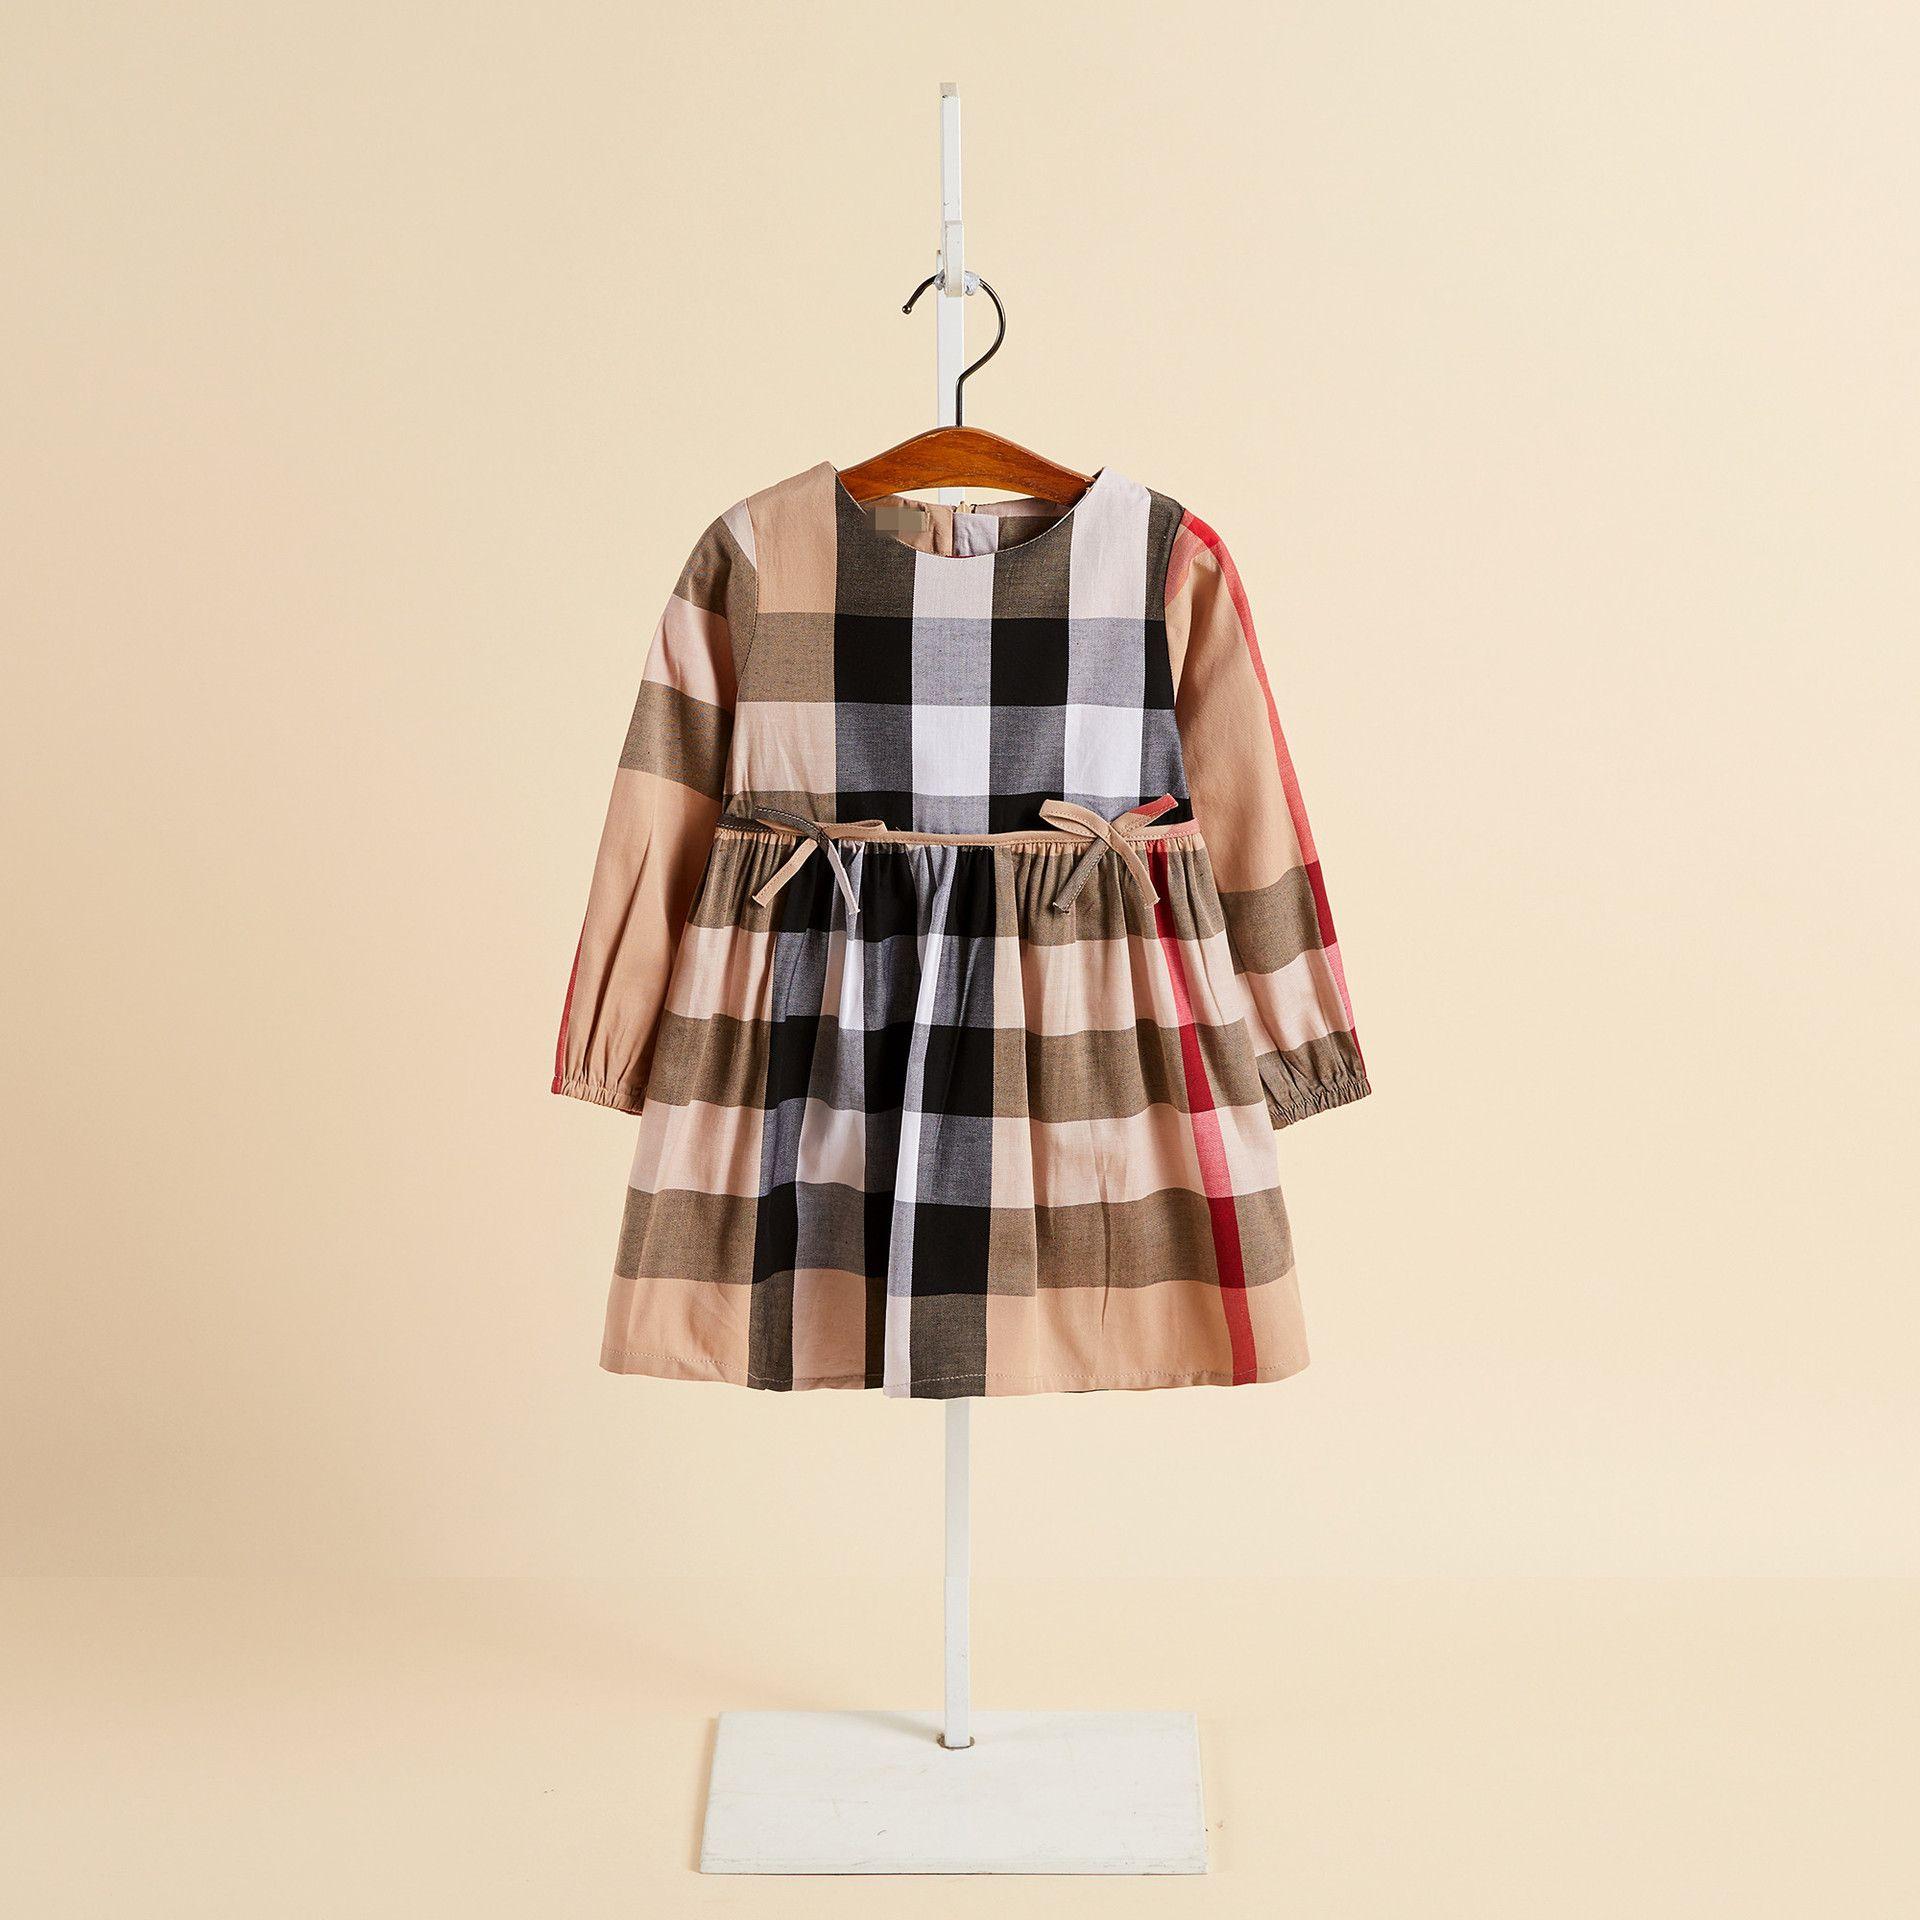 kız prenses elbise pamuk yay uzun kollu çocuk elbise Yeni çocuk giyim ilkbahar ve sonbahar yuvarlak boyun elbise